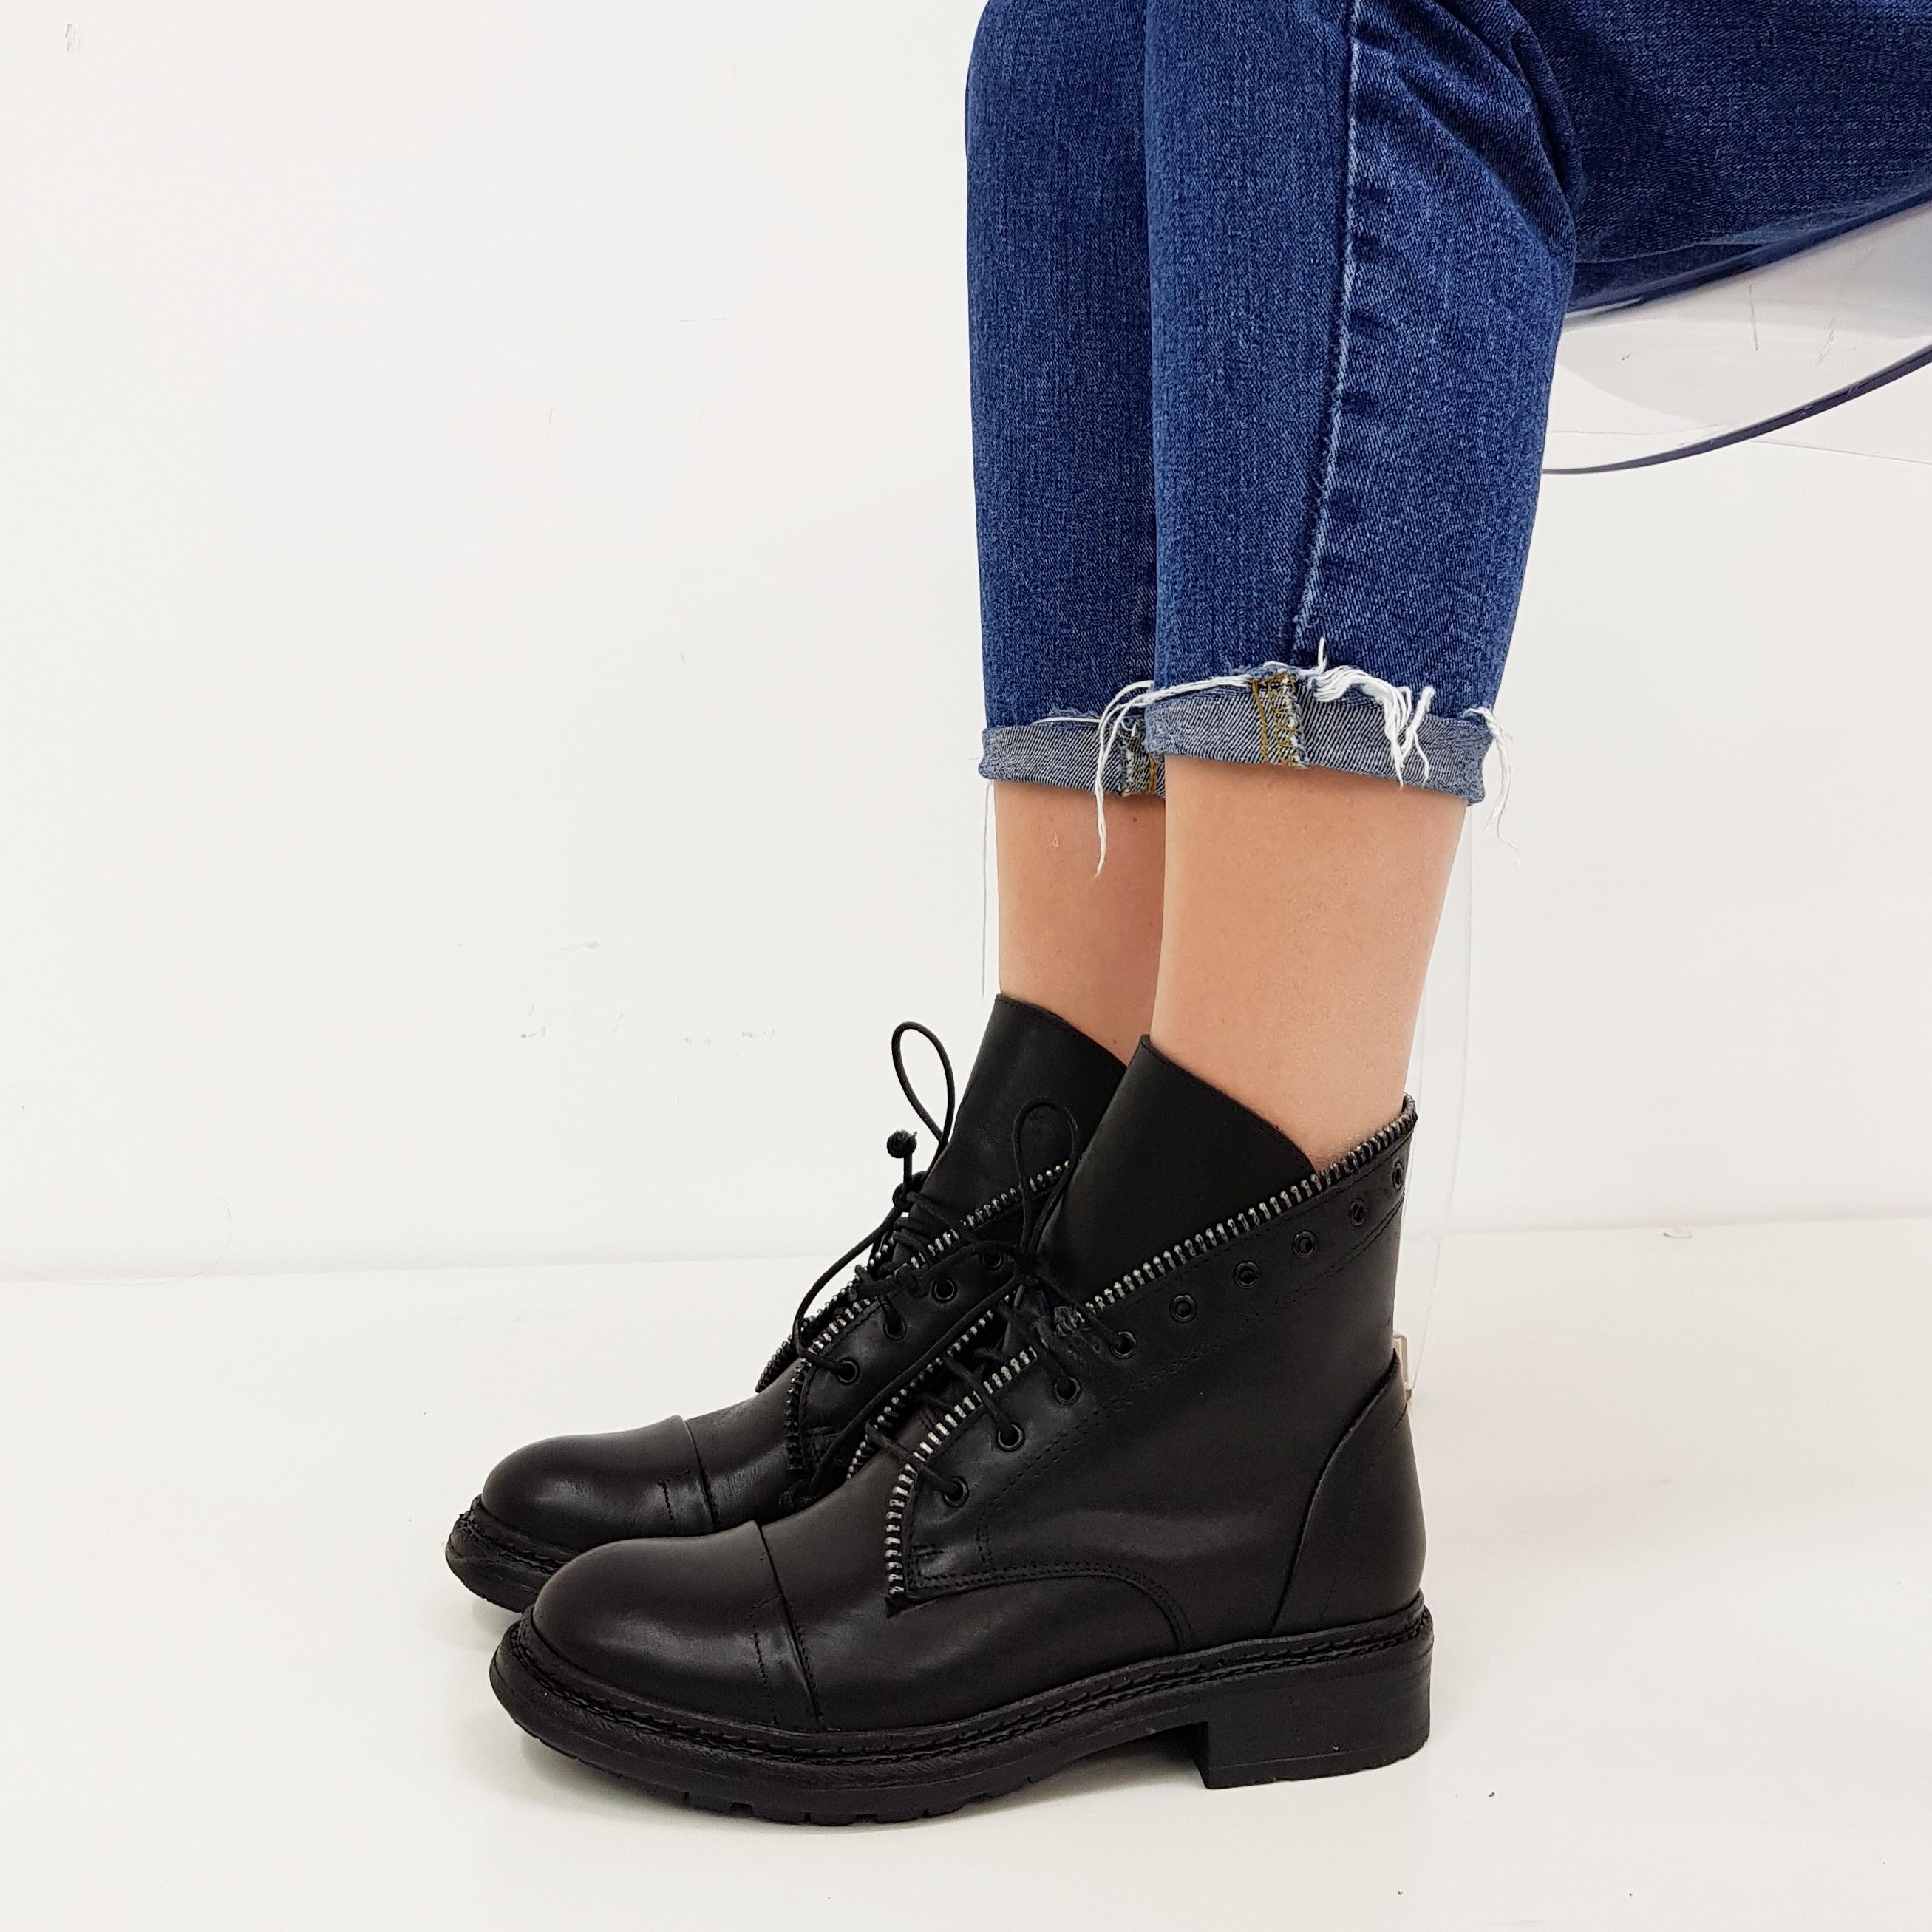 Stivaletti lacci pelle nero ramona1 - Lia diva scarpe ...